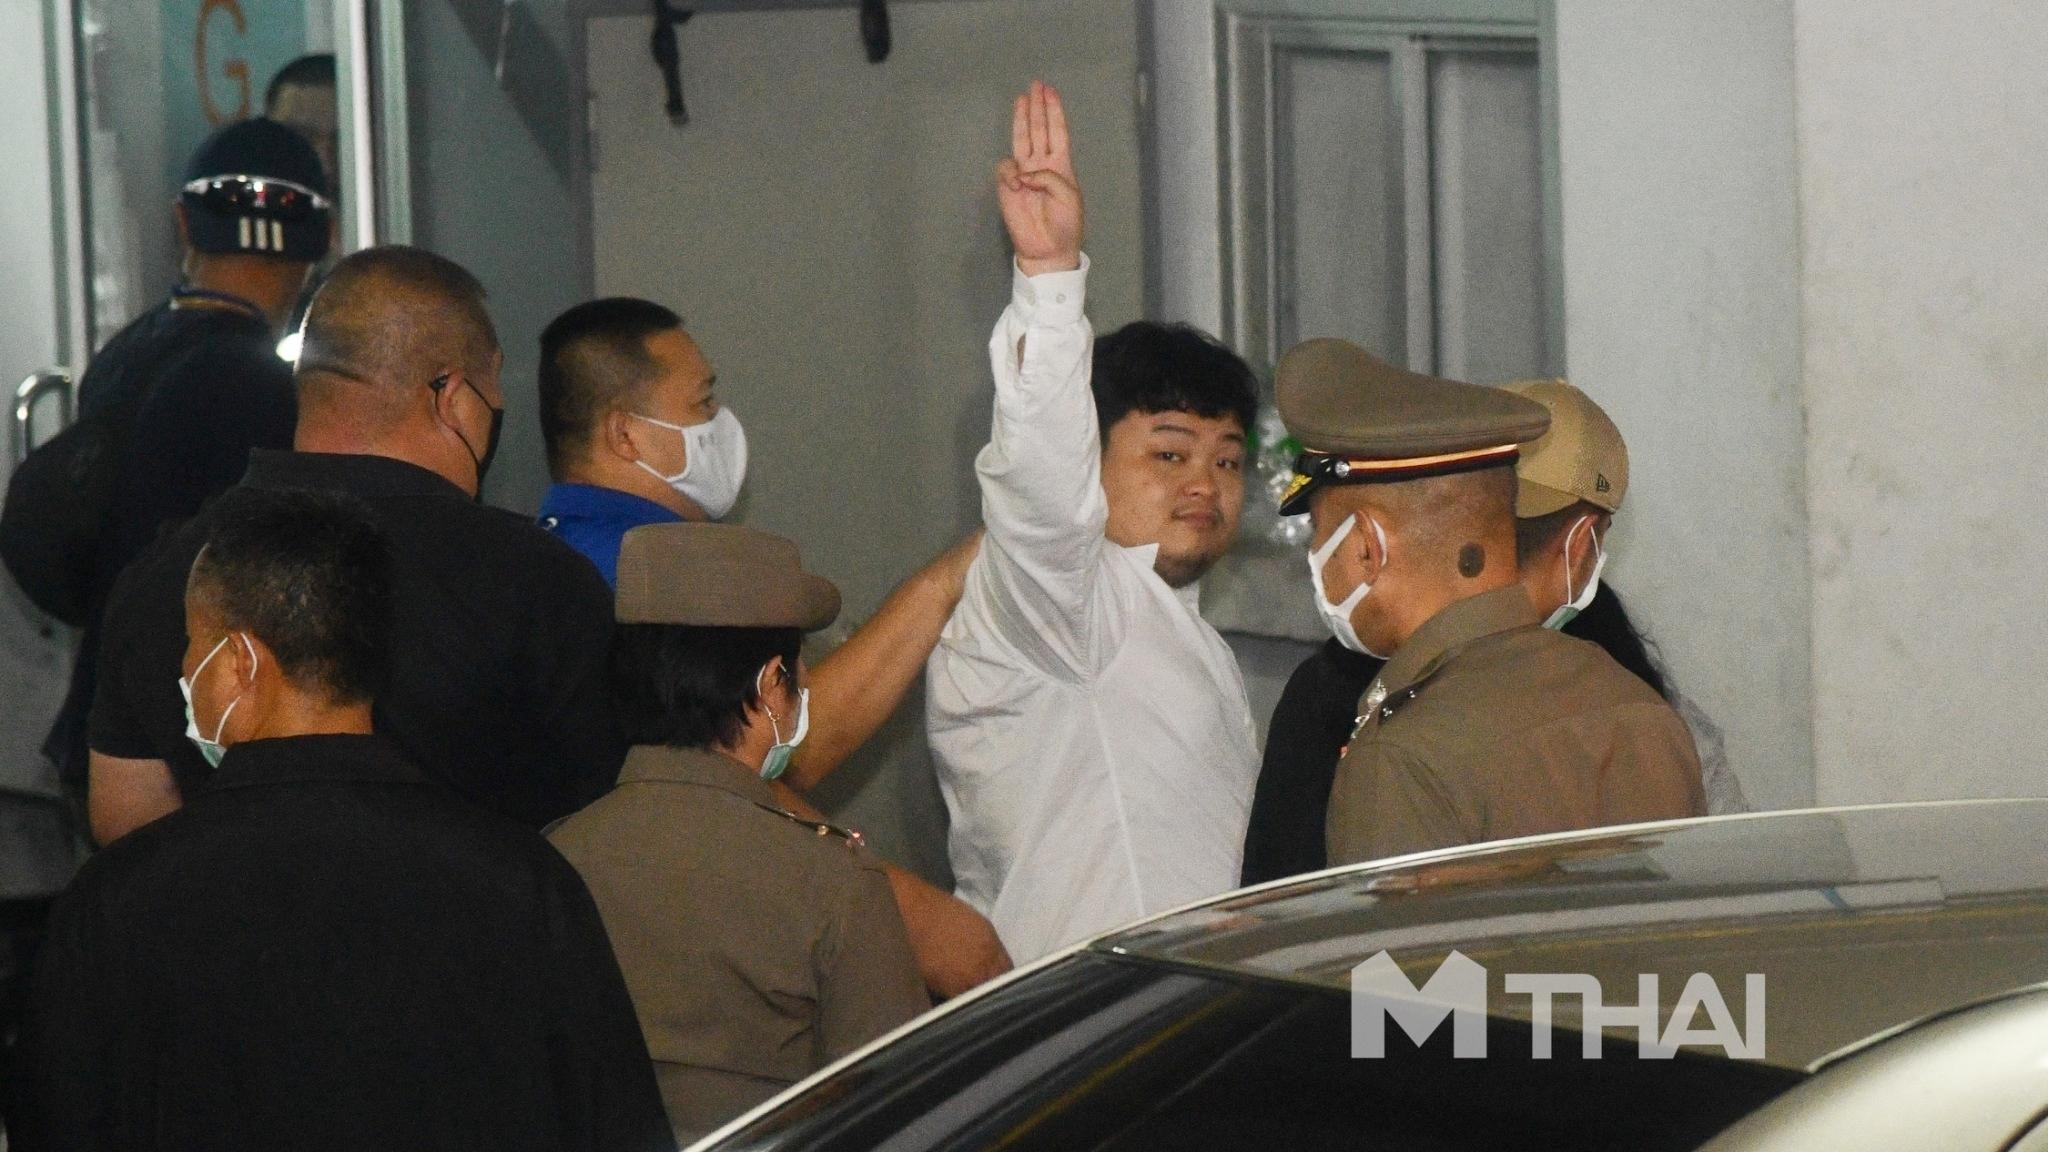 ชุมนุมทางการเมือง เพนกวิน เยาวชนปลดแอก